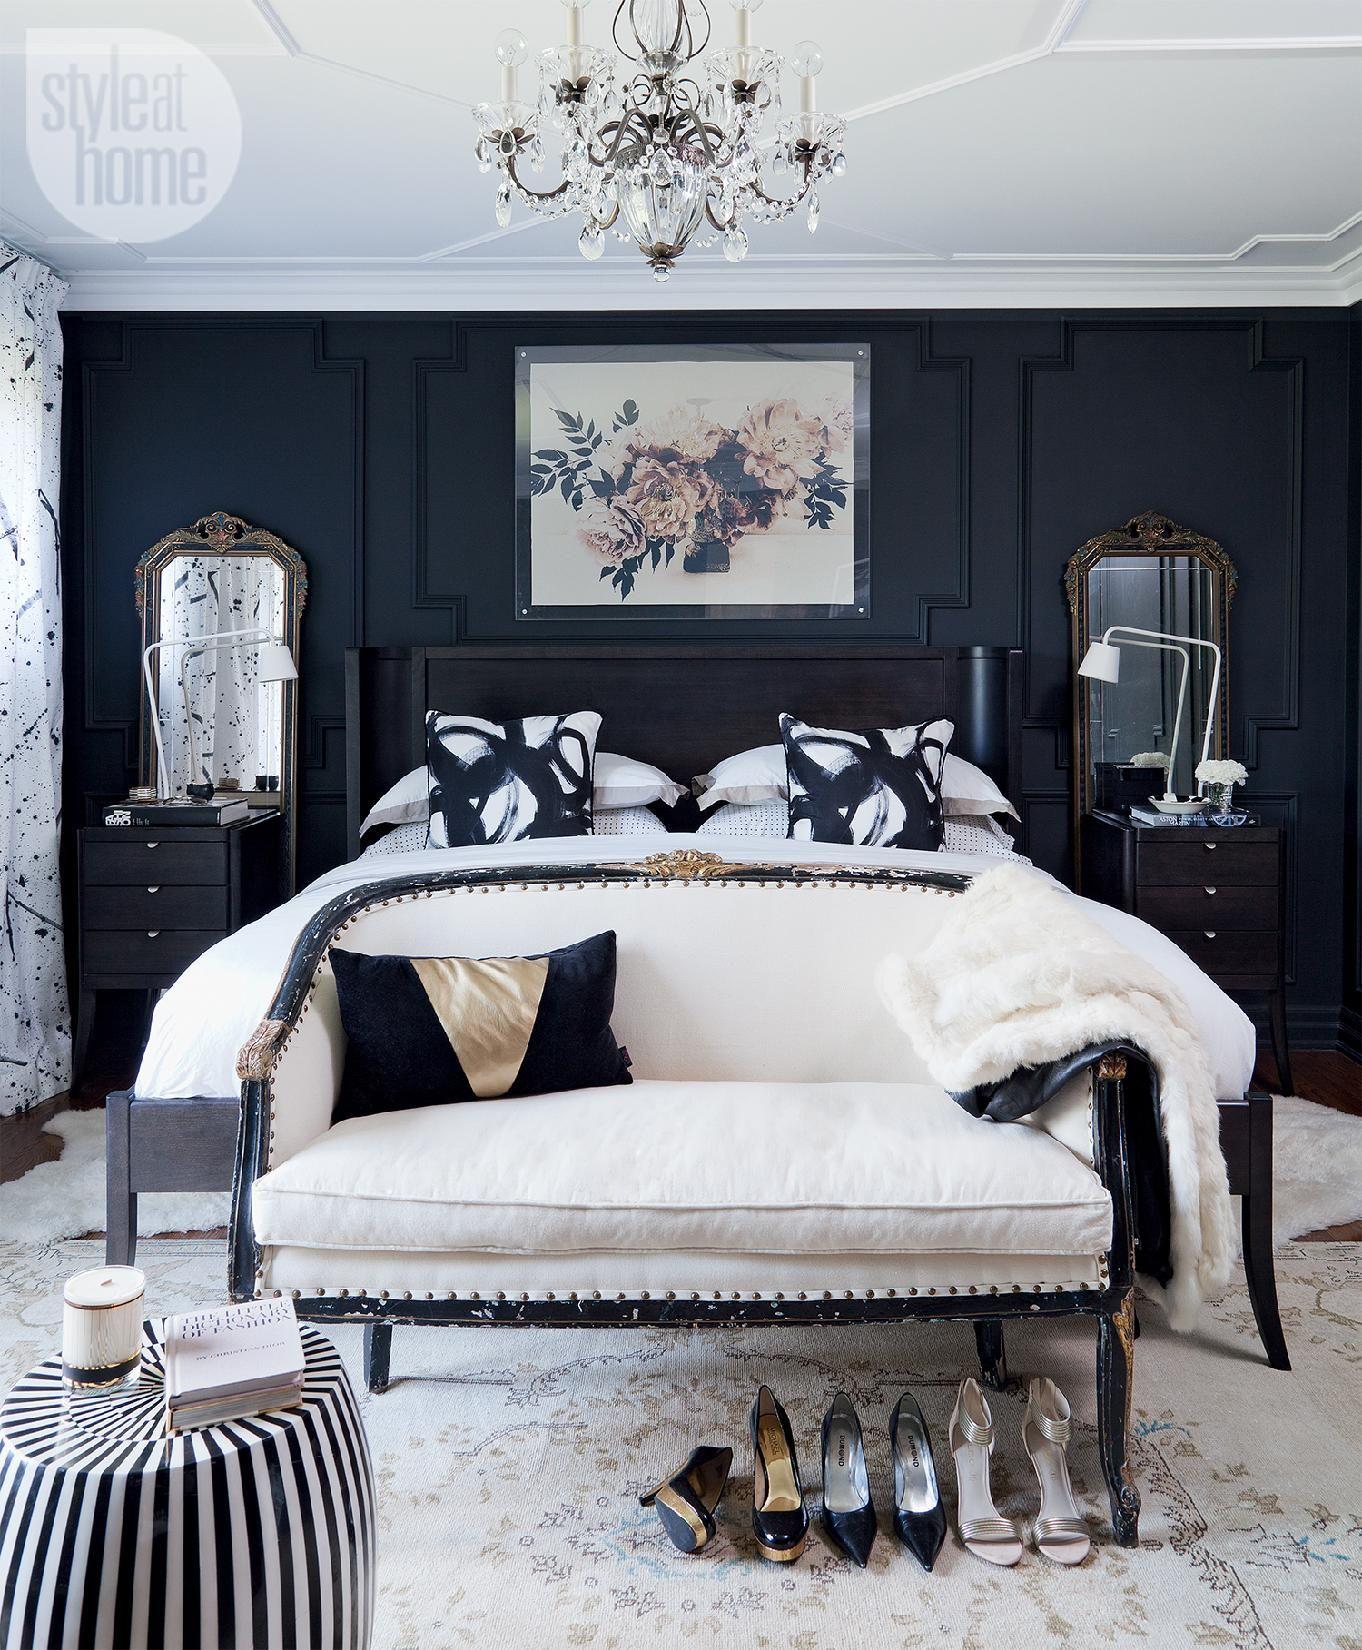 Bedroom Home Bedroom Decor Bedroom Design